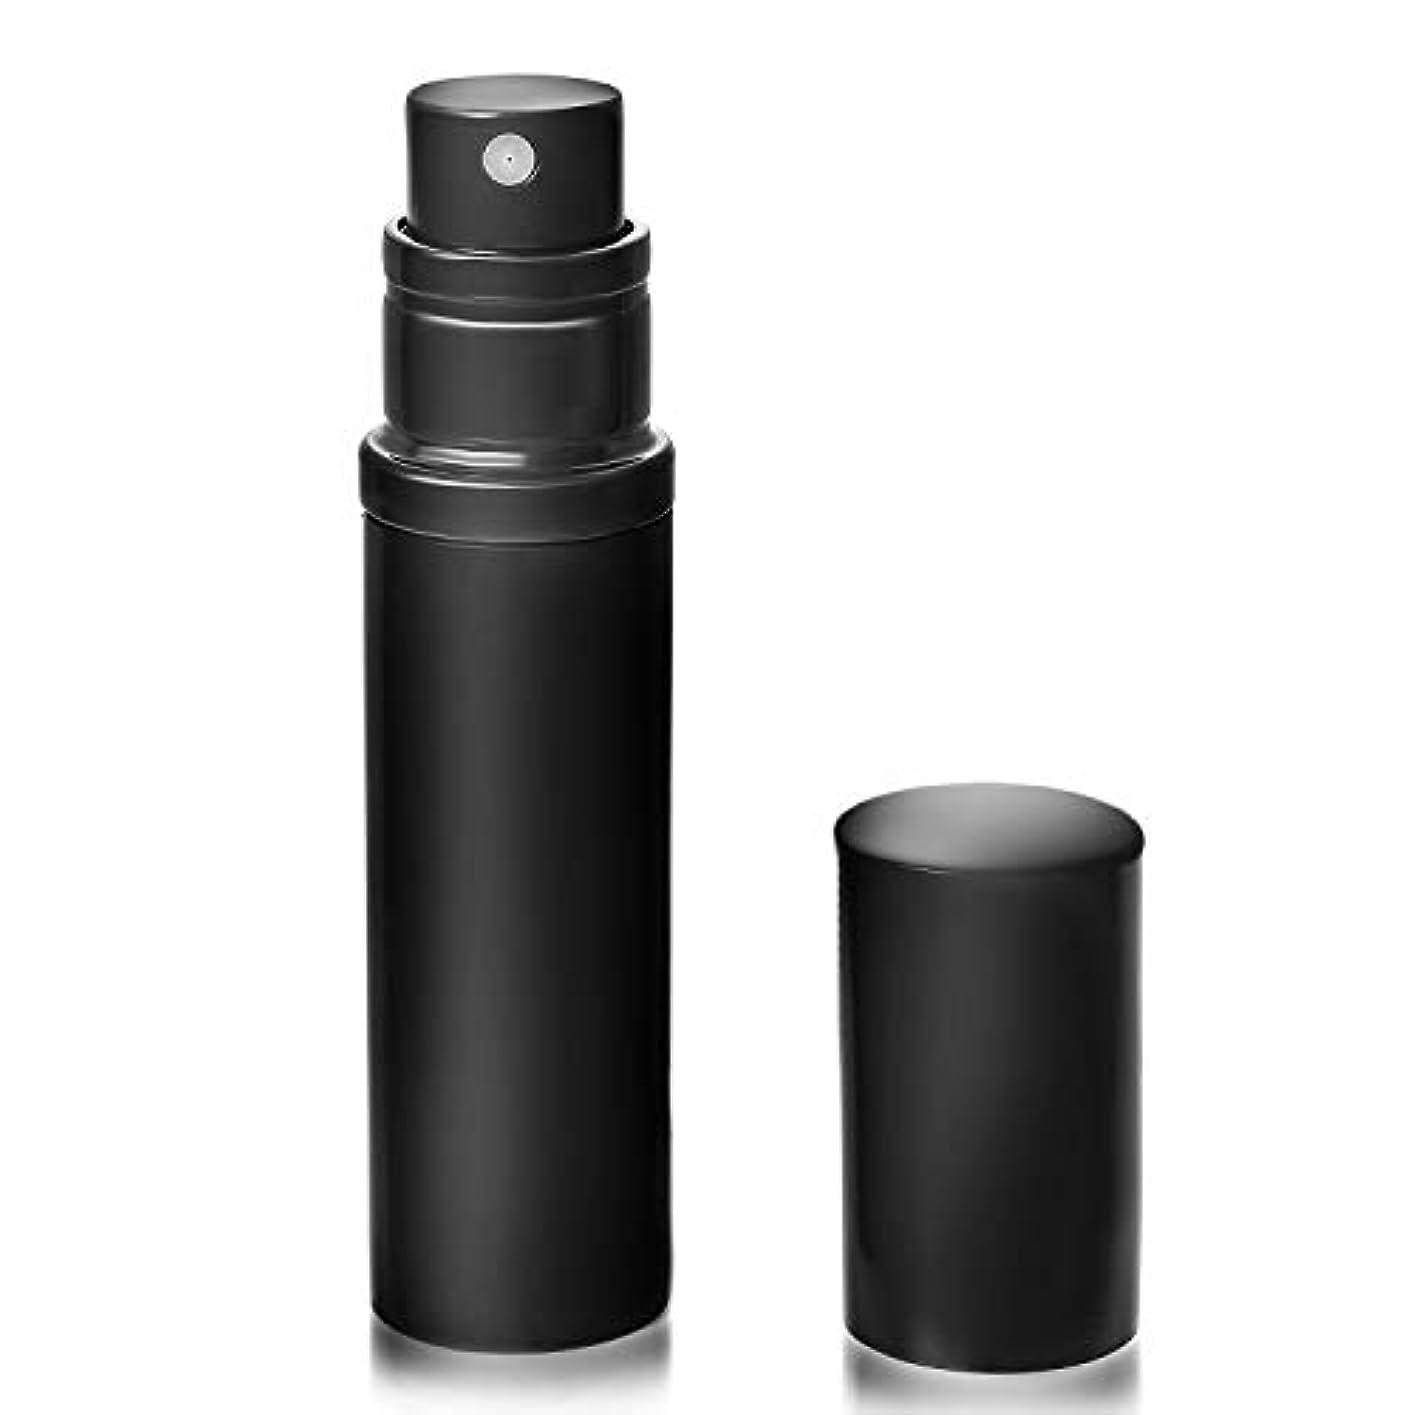 上級挨拶する抑圧するアトマイザ- 香水 クイックアトマイザー ワンタッチ 入れ物 簡単 持ち運び 詰め替え ポータブルクイック 容器 香水噴霧器 ブラック YOOMARO